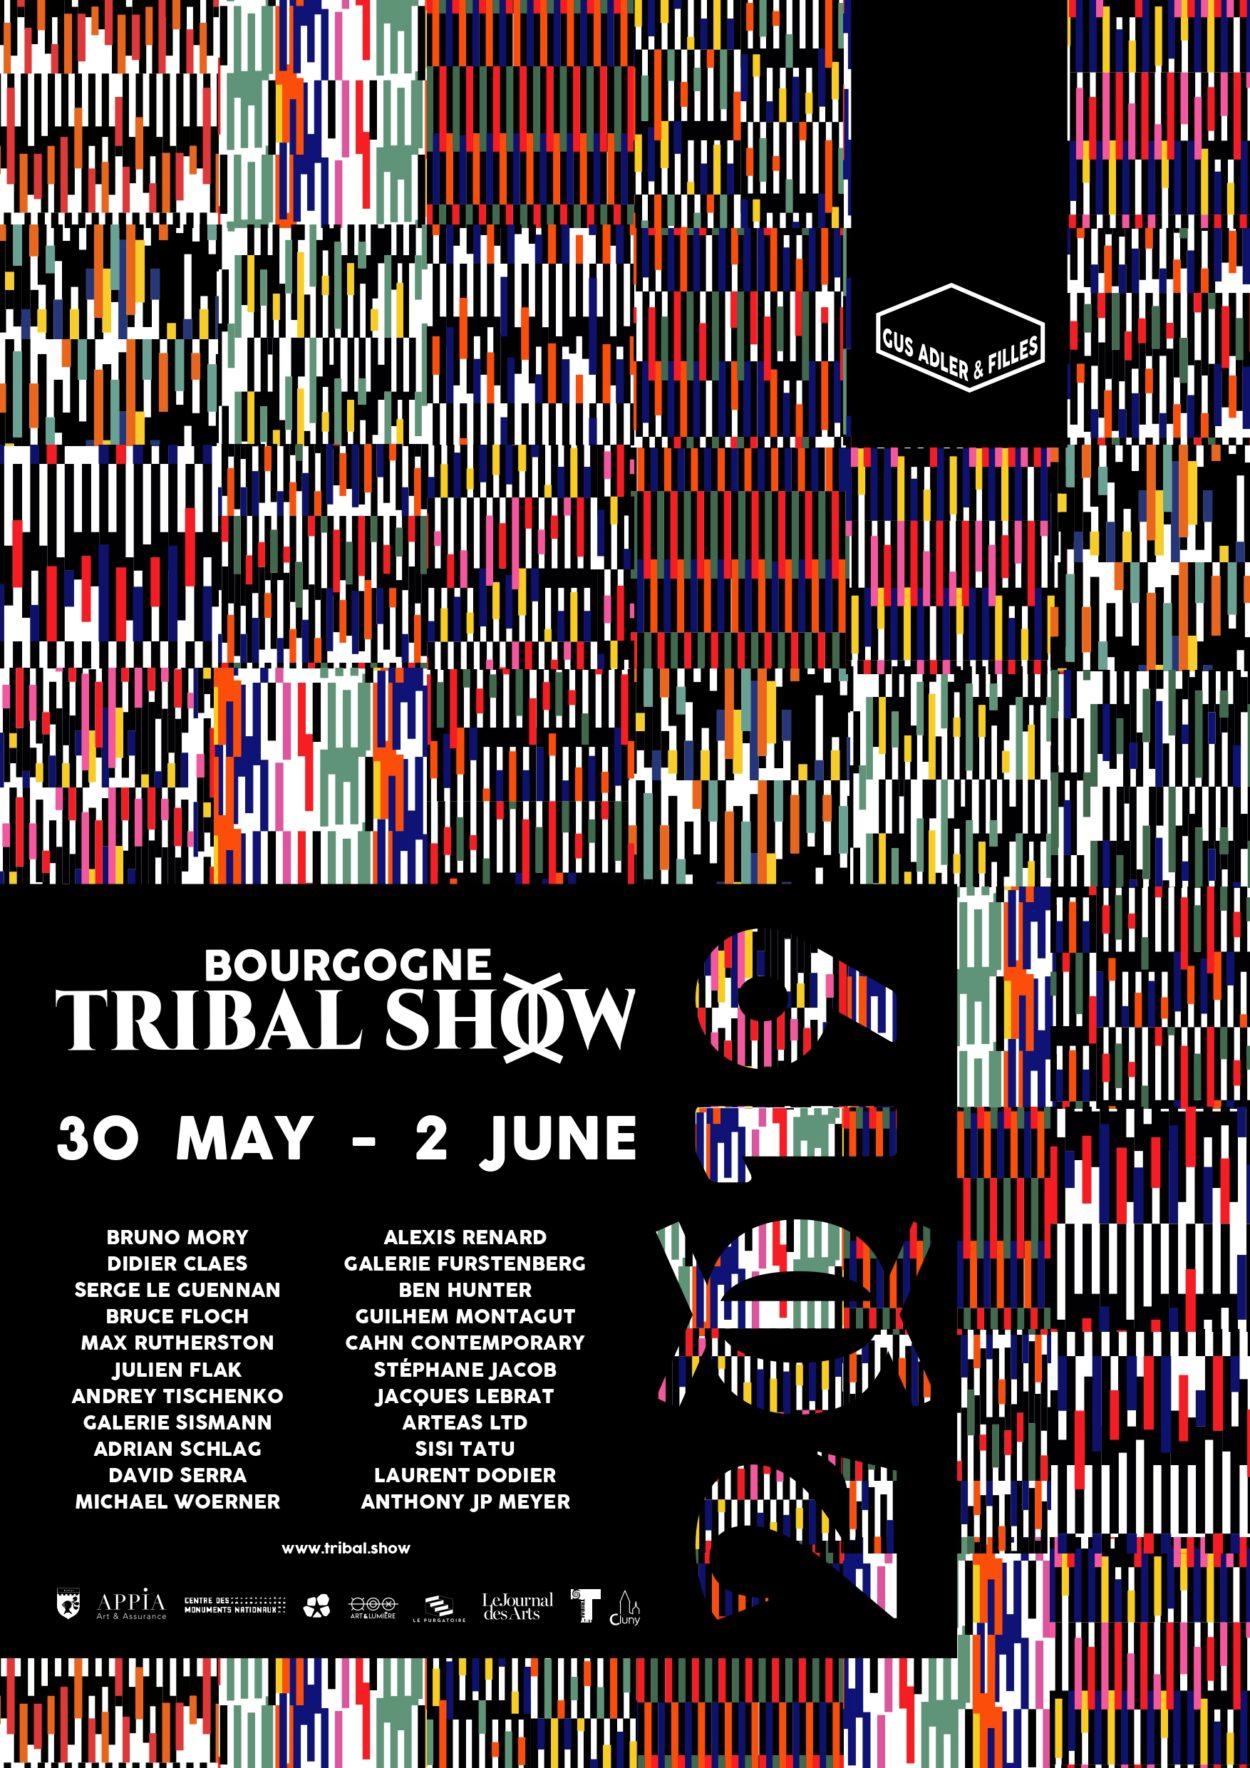 Affiche Bourgogne Tribal Show 2019